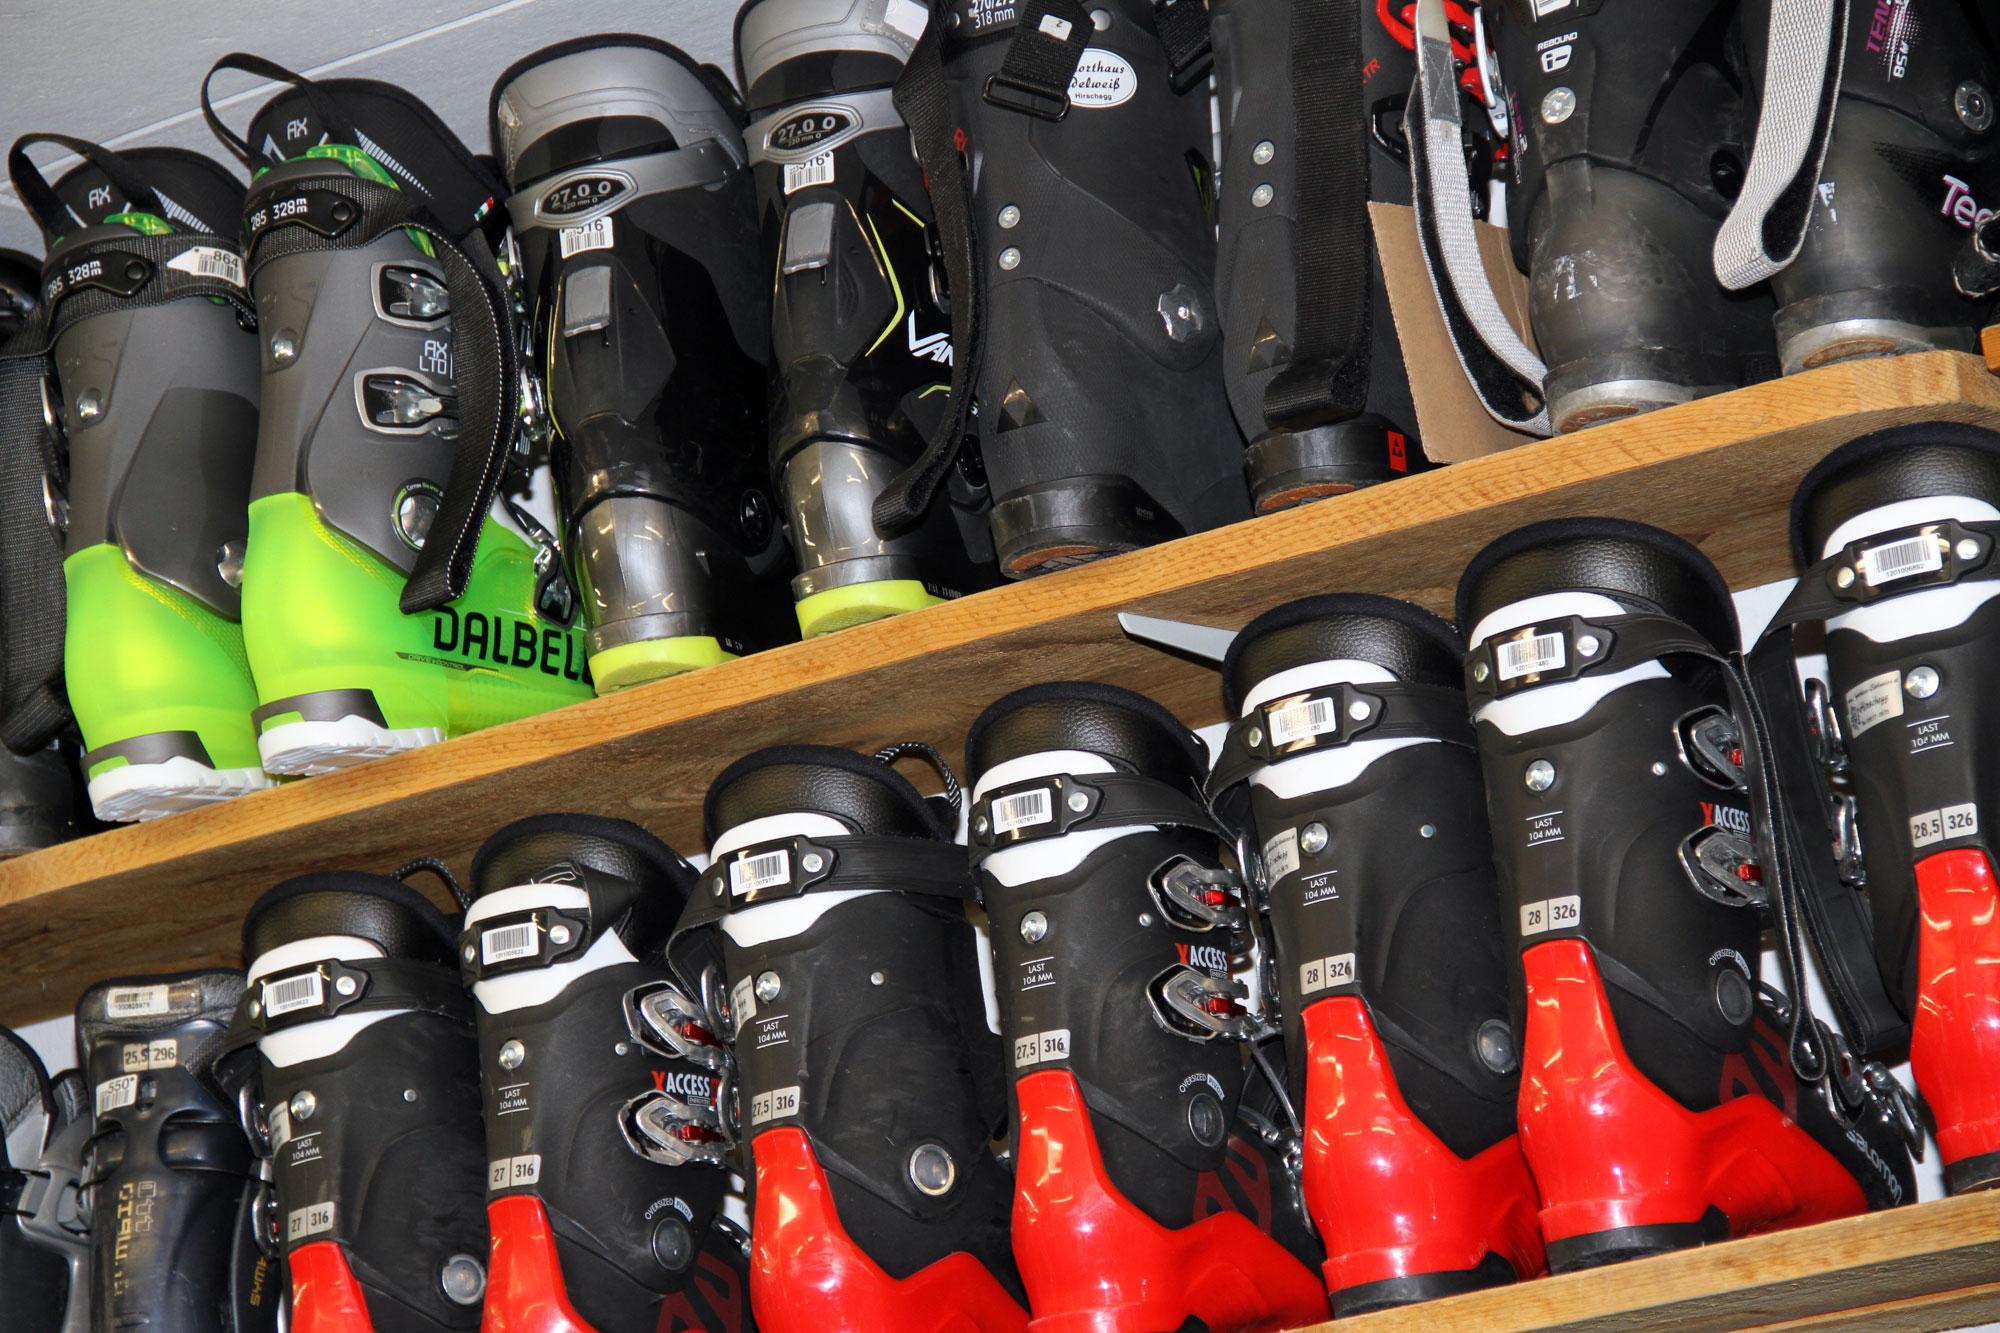 Skiverleih Kleinwalsertal – Sporthaus Edelweiss, Ski online buchen, alles für die Piste